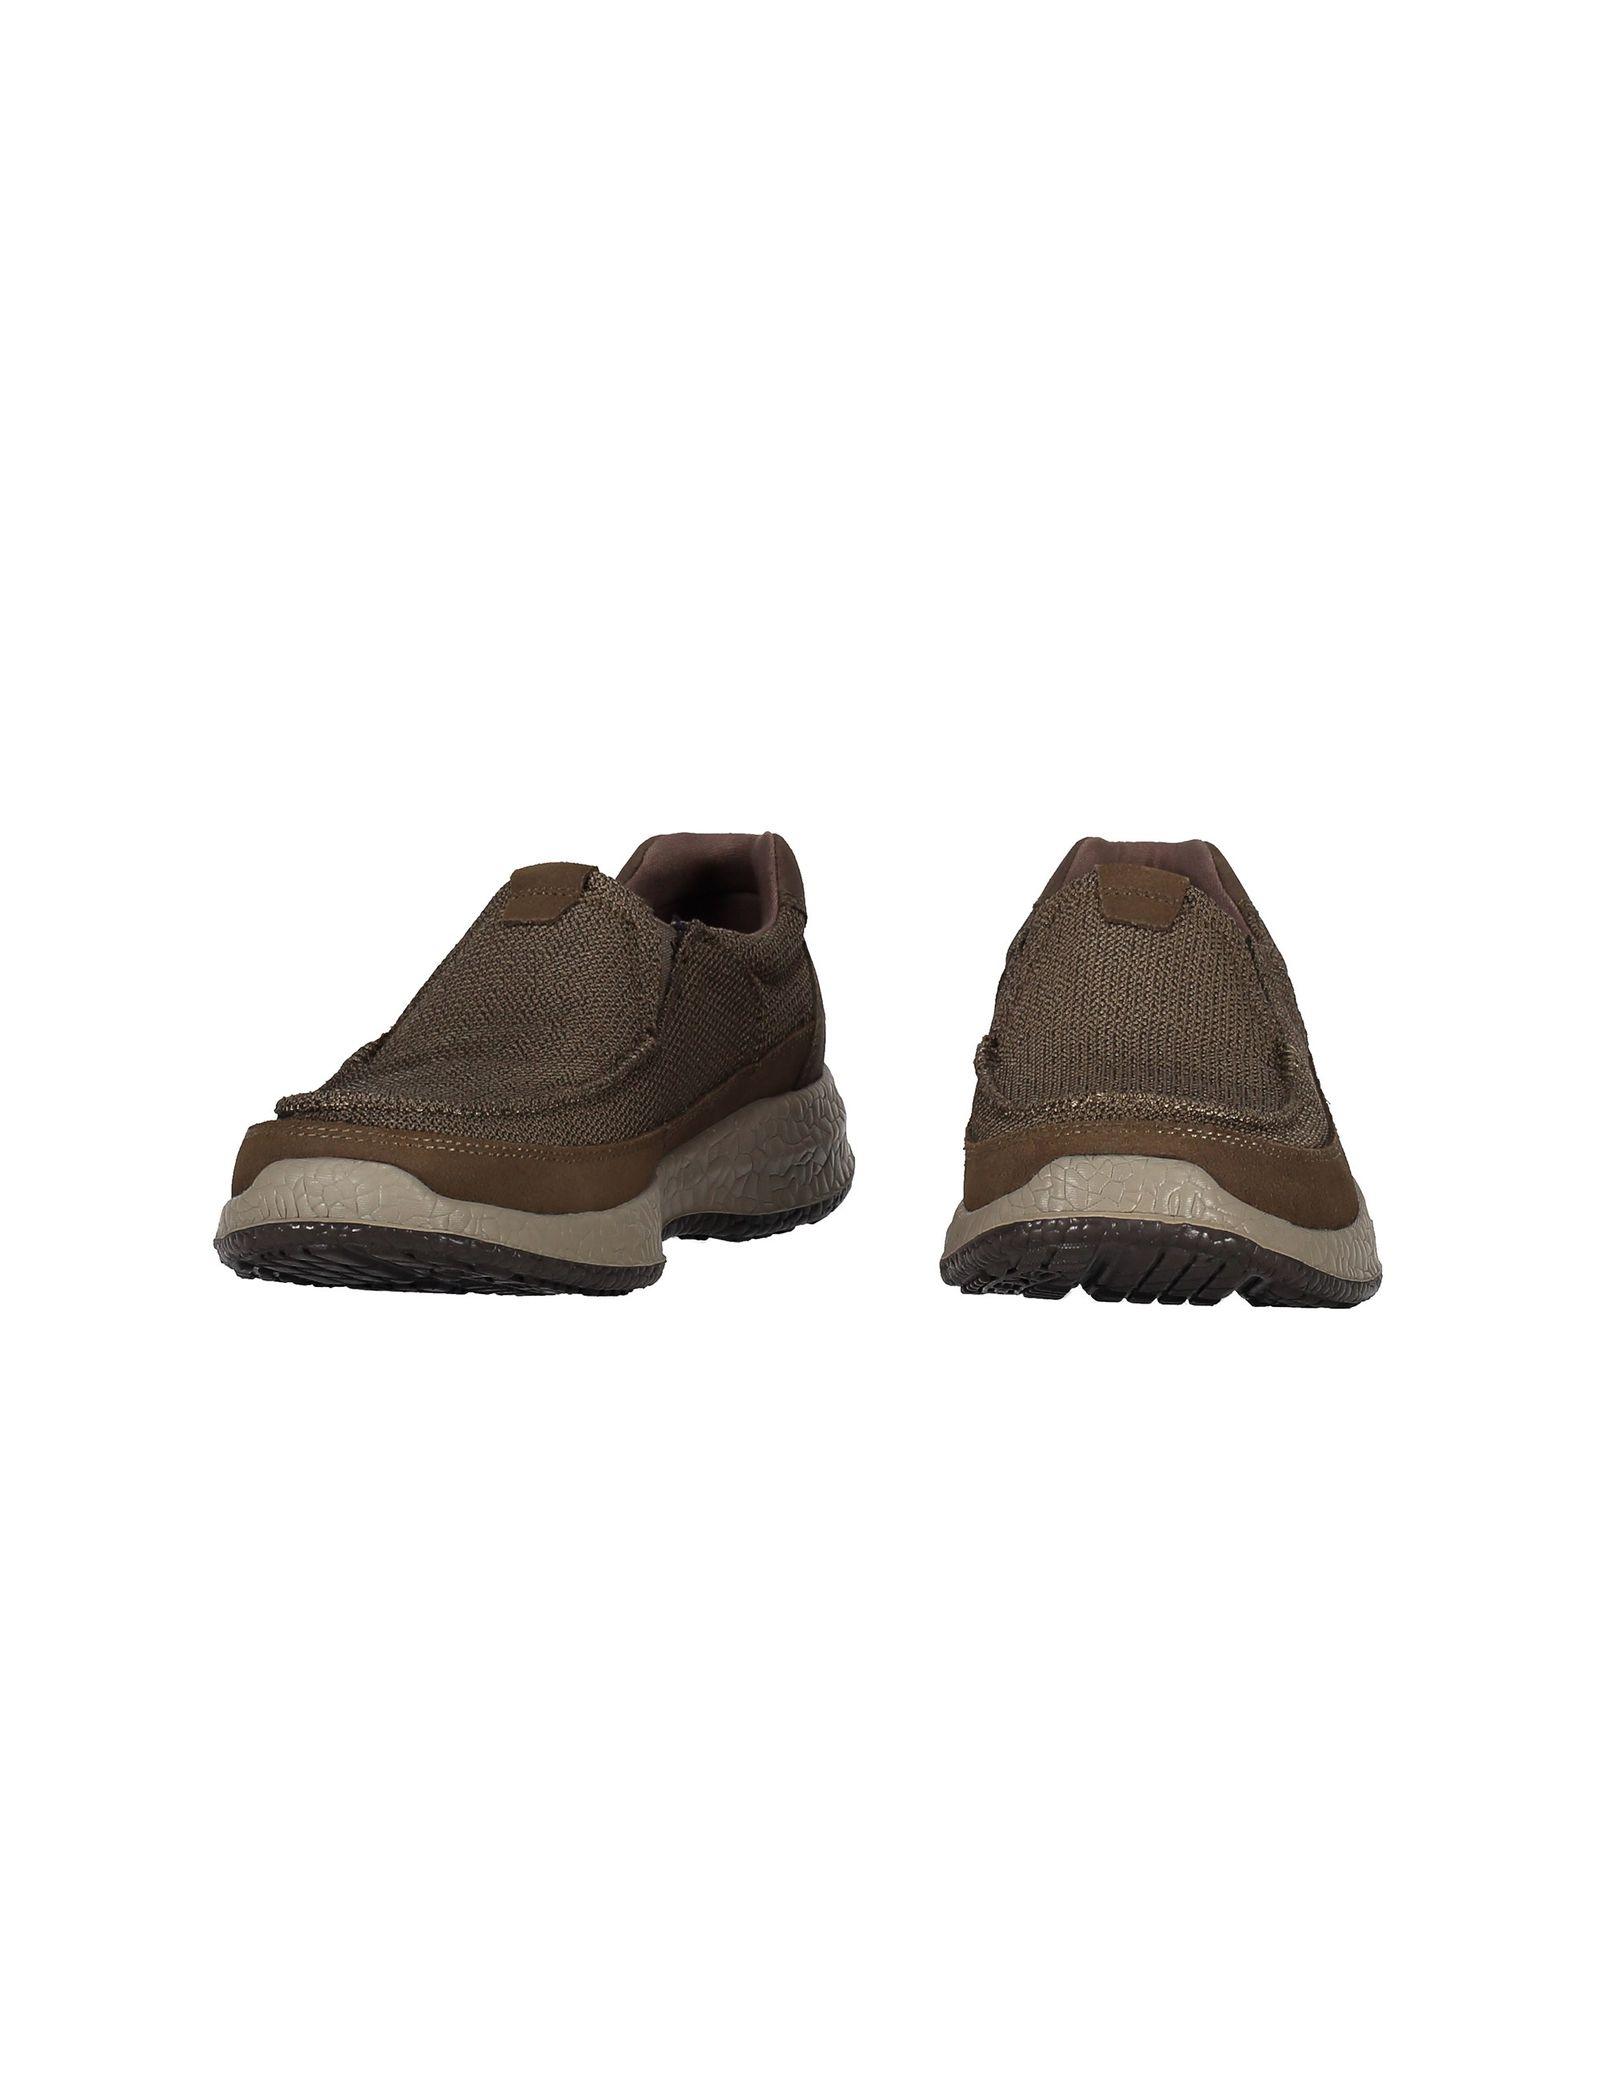 کفش راحتی پارچه ای مردانه Bursen Kinto - اسکچرز - قهوه اي روشن - 5